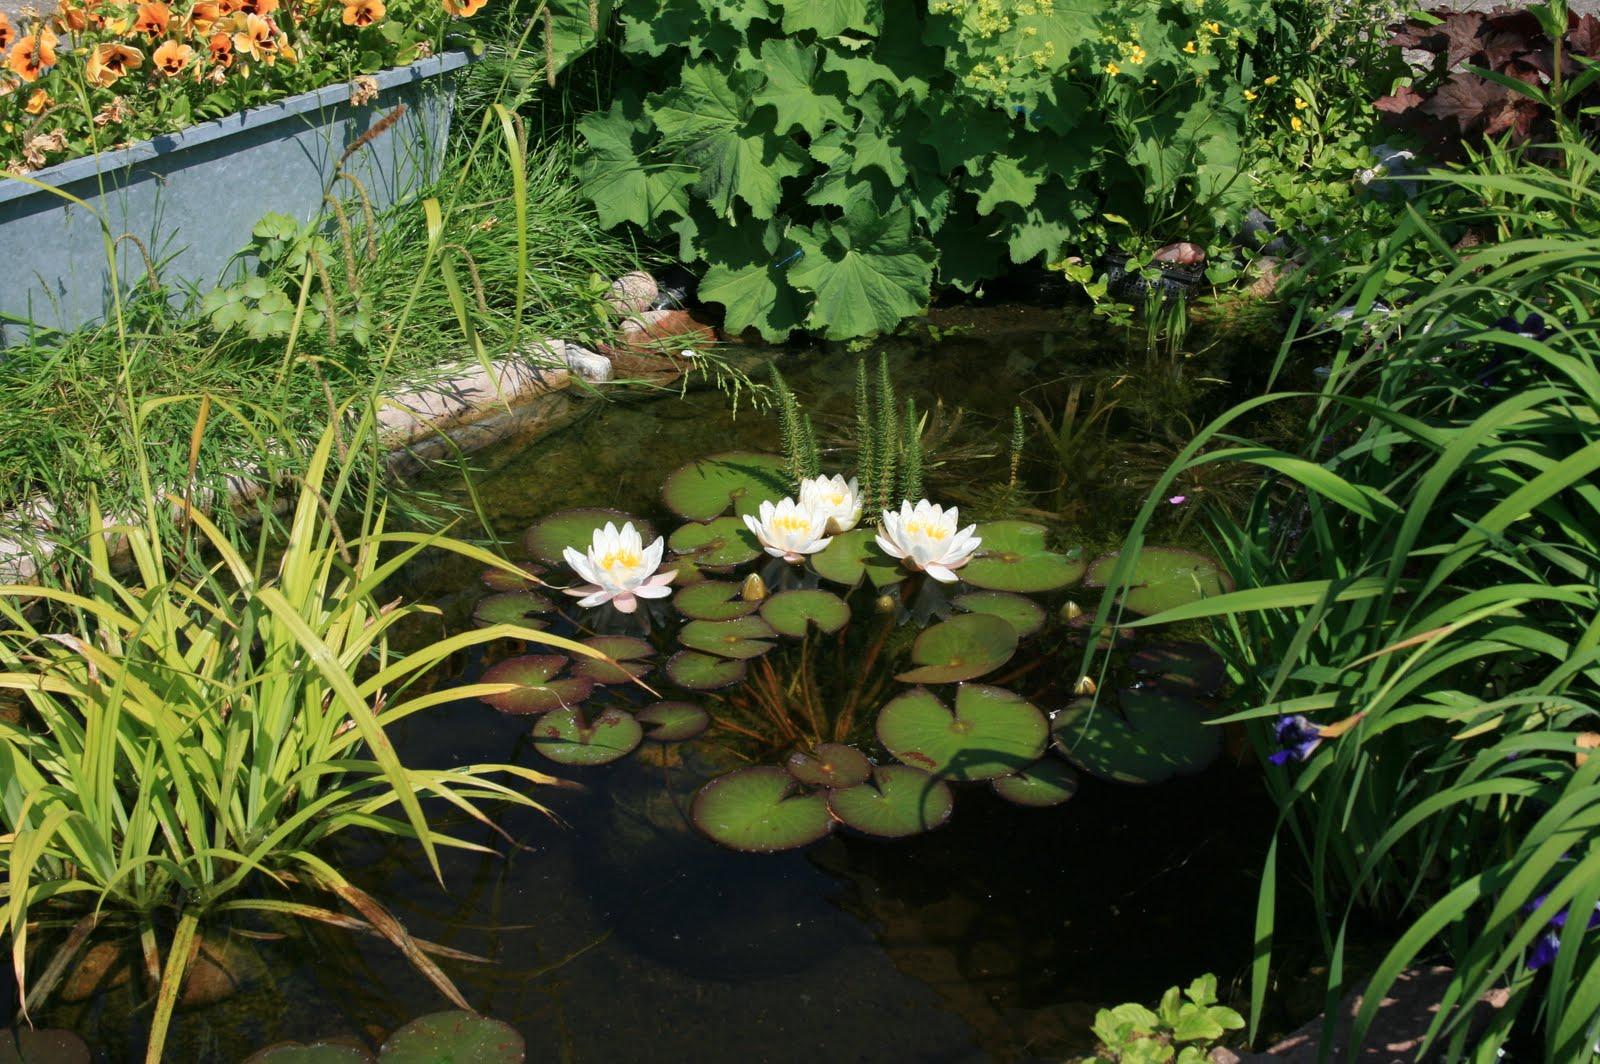 åkande ligne planter